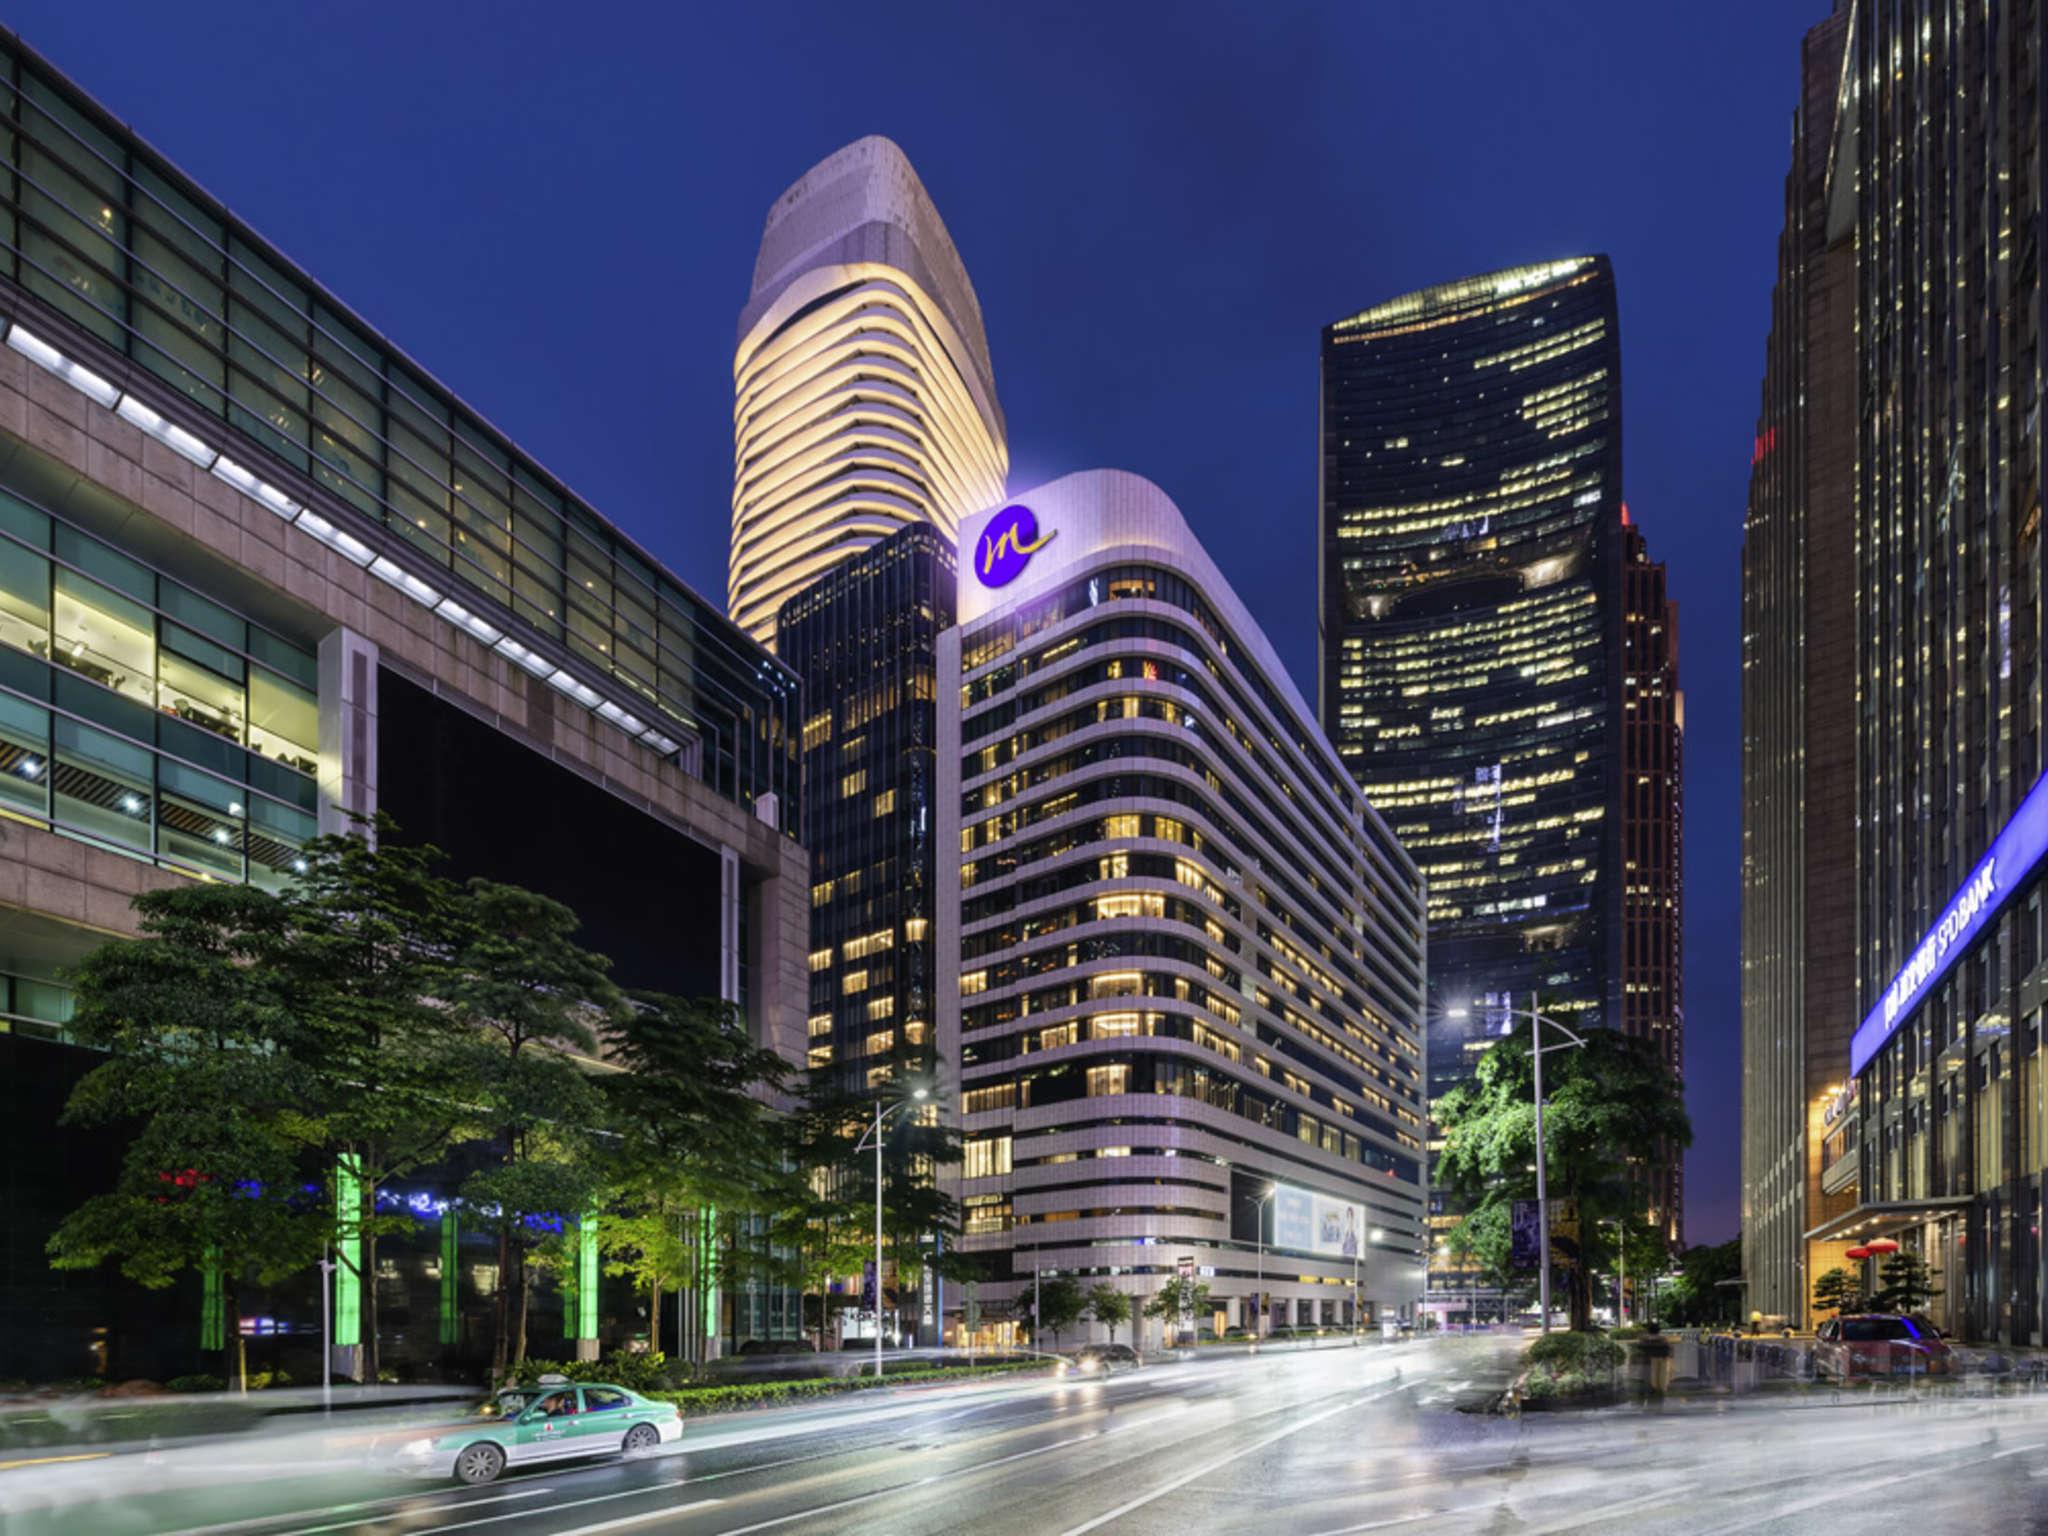 Hotel - Grand Mercure Guangzhou Zhujiang (Eröffnung: November 2018)